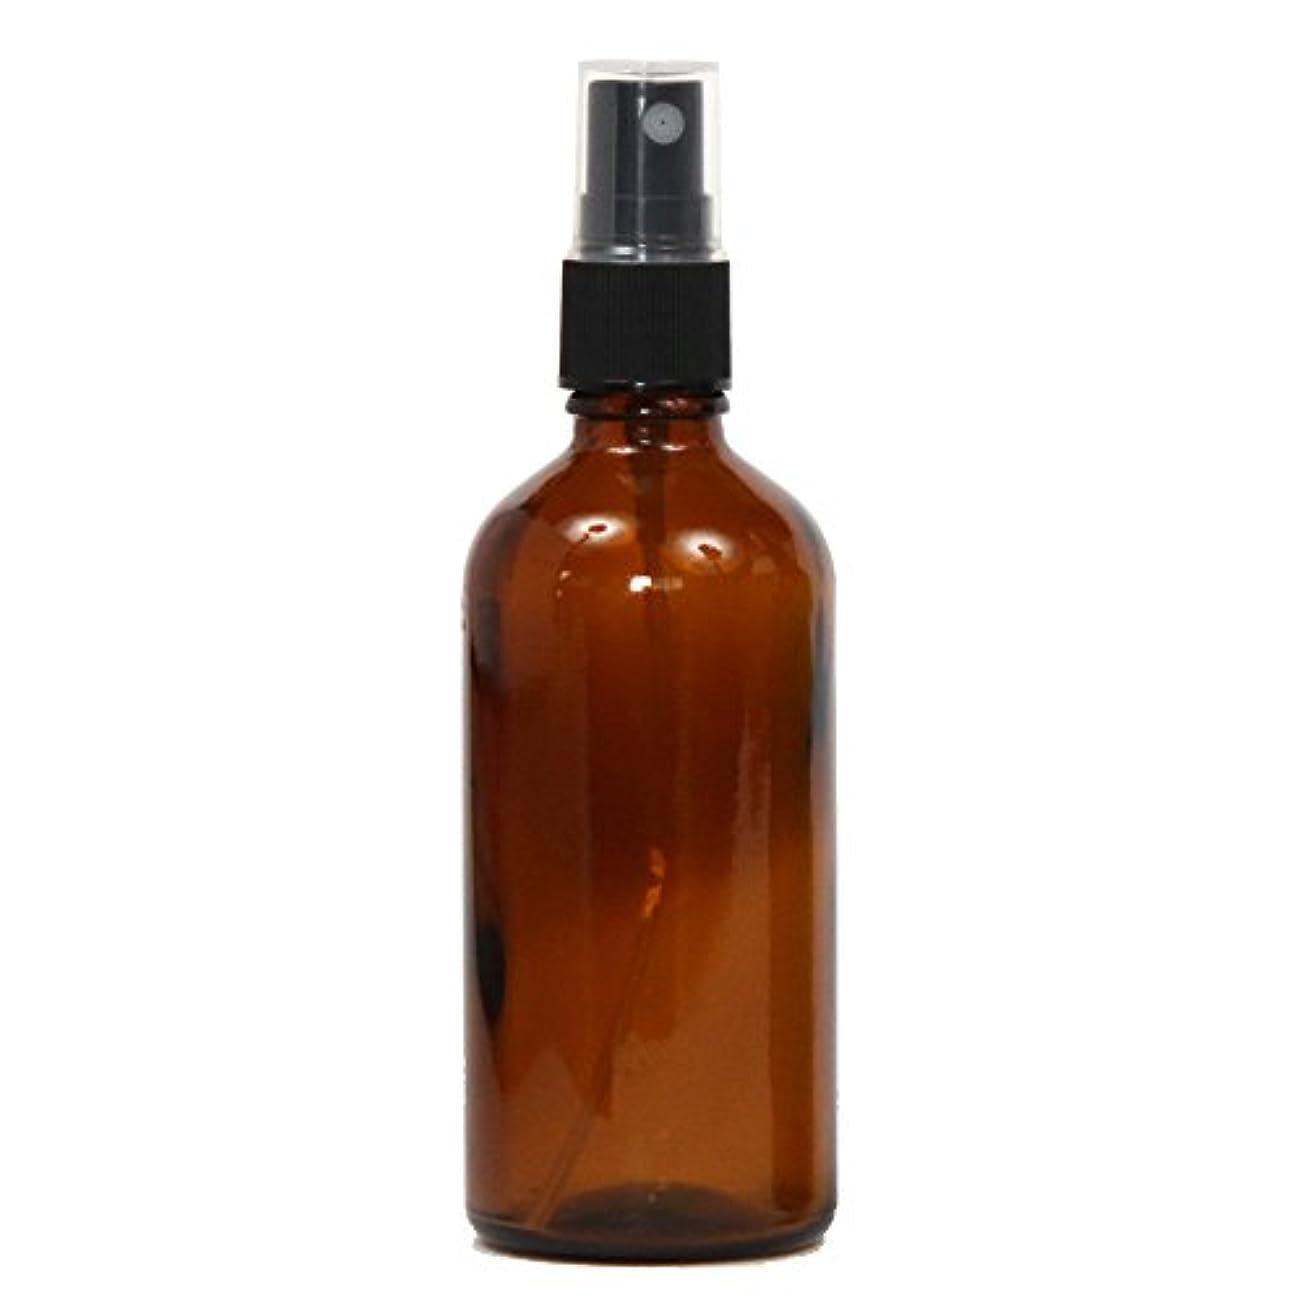 治世高さどんなときもスプレーボトル ガラス瓶 100mL 【アンバー 茶色】 遮光性 ガラスアトマイザー 空容器br100g